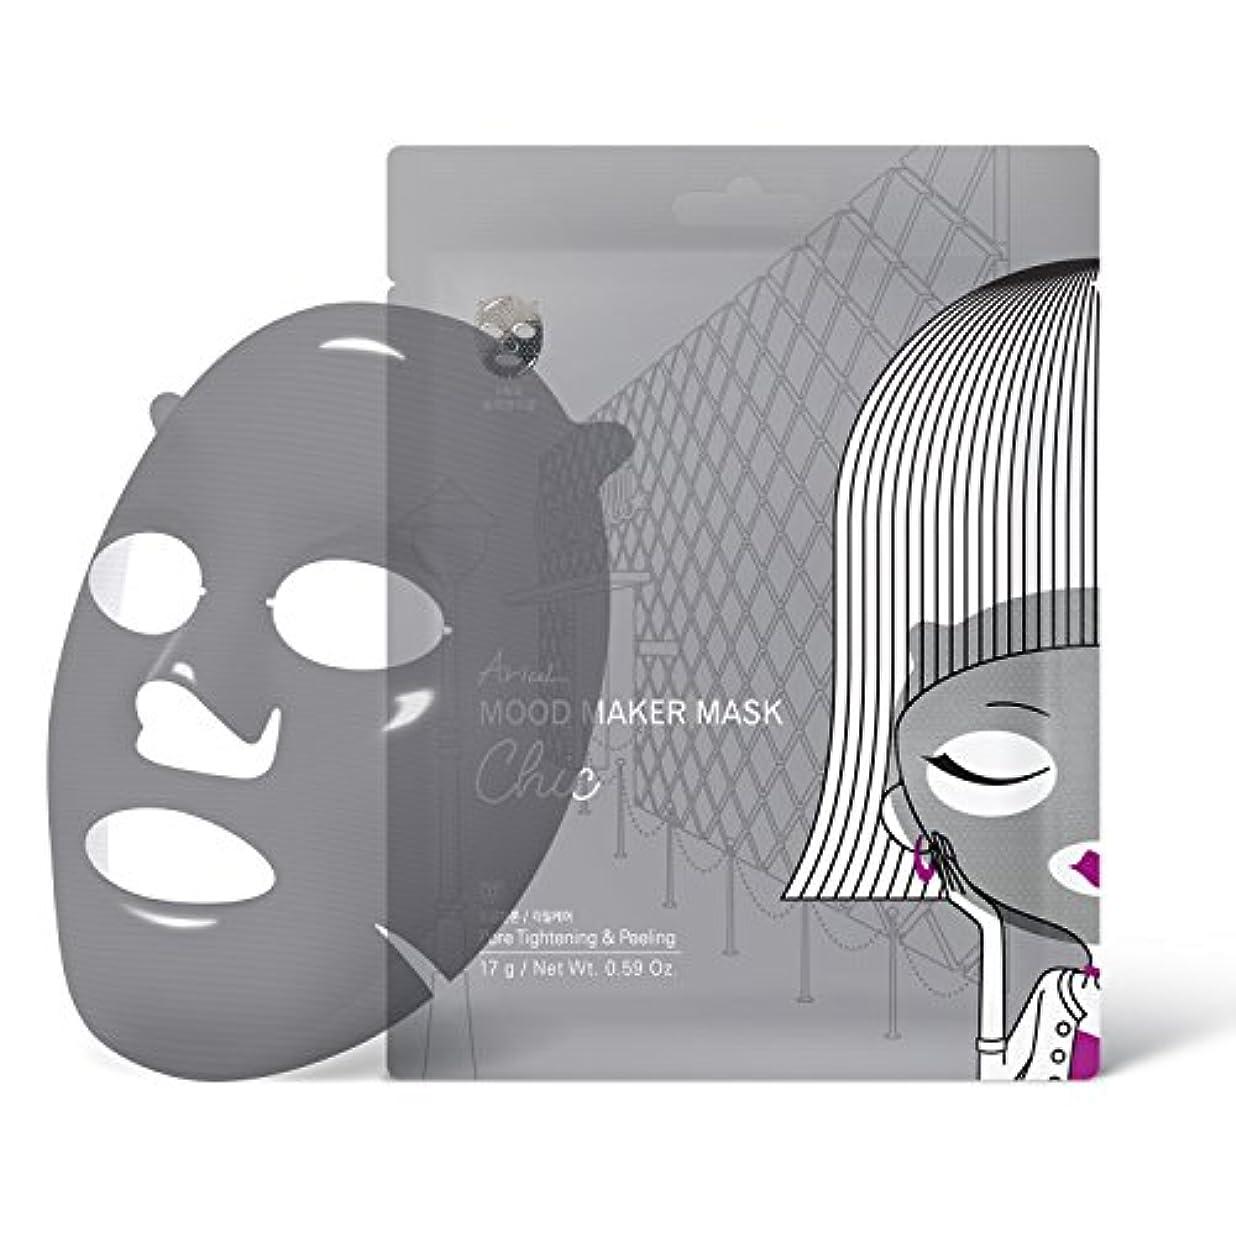 クラブ保存する風変わりなアリウル ムードメーカーマスク シック 1枚入り